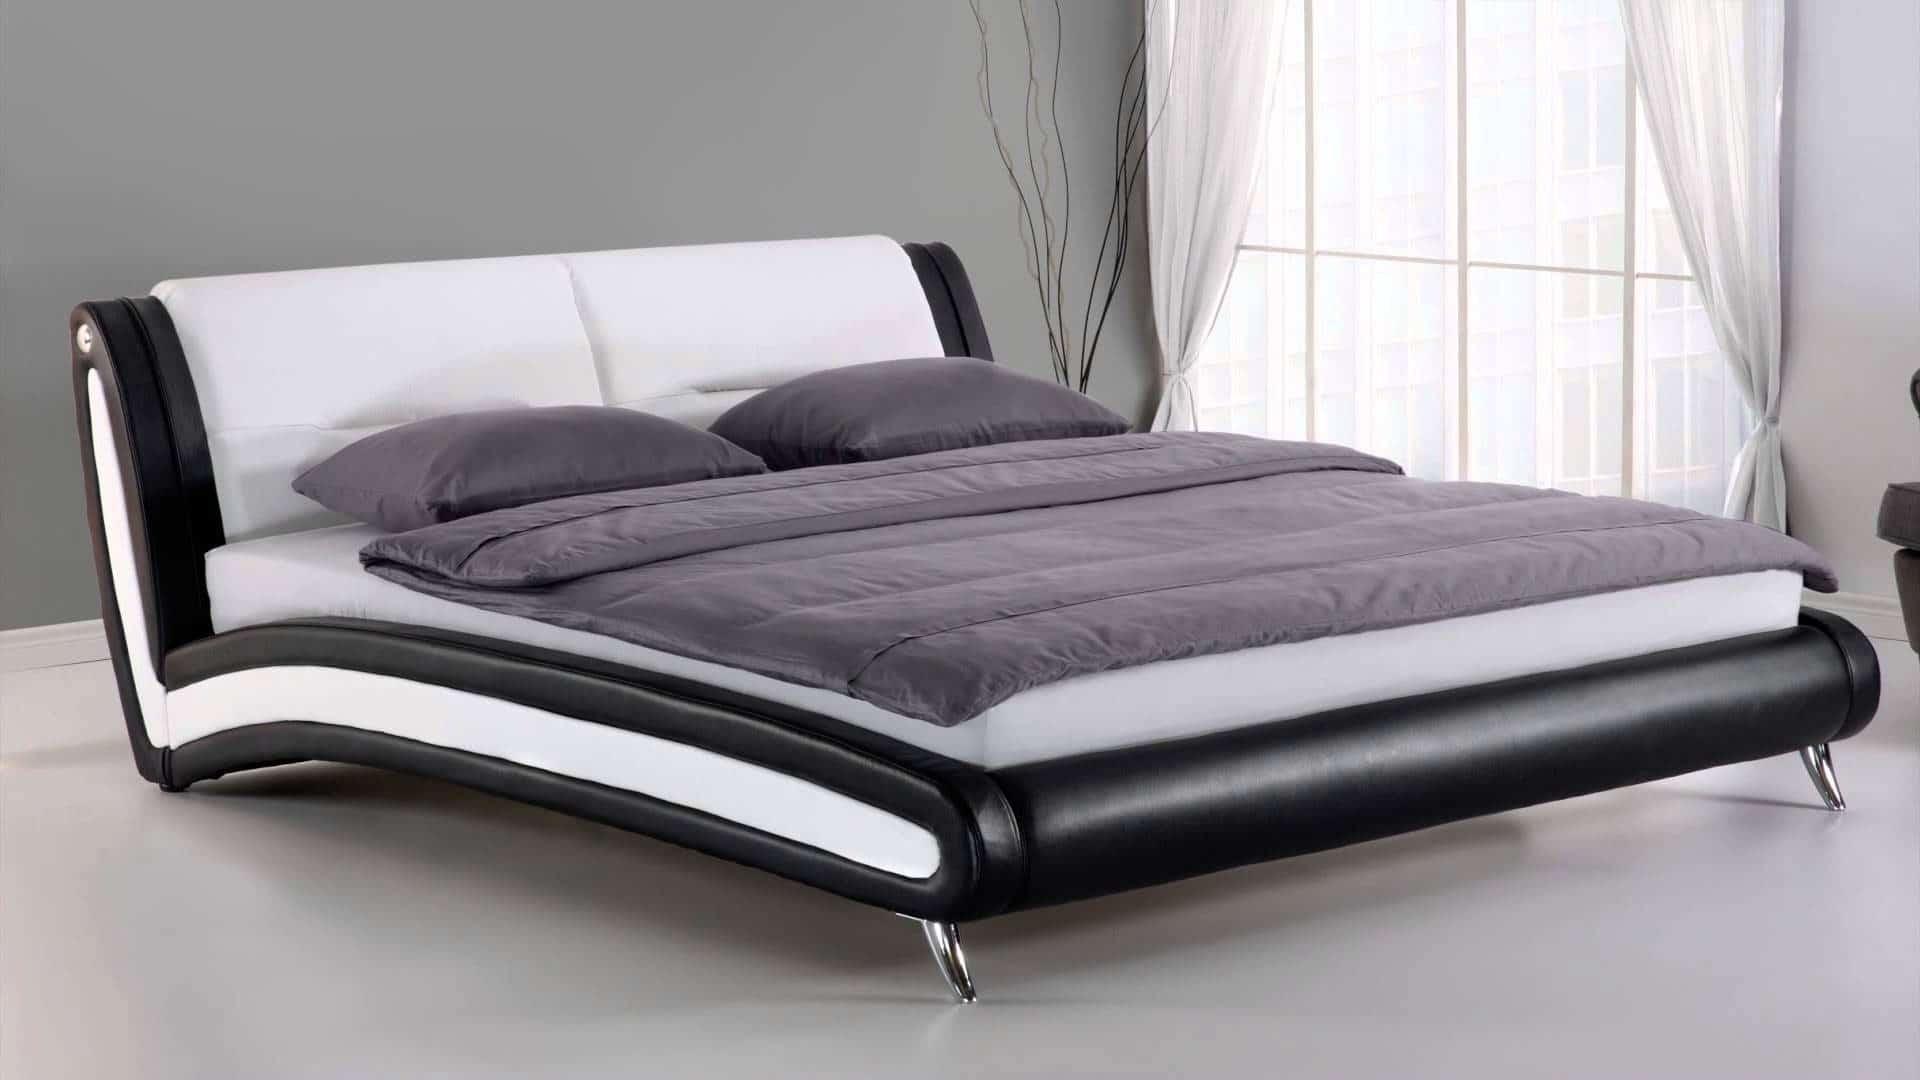 die geschichte vom wasserbett wasserbetten m nchen. Black Bedroom Furniture Sets. Home Design Ideas